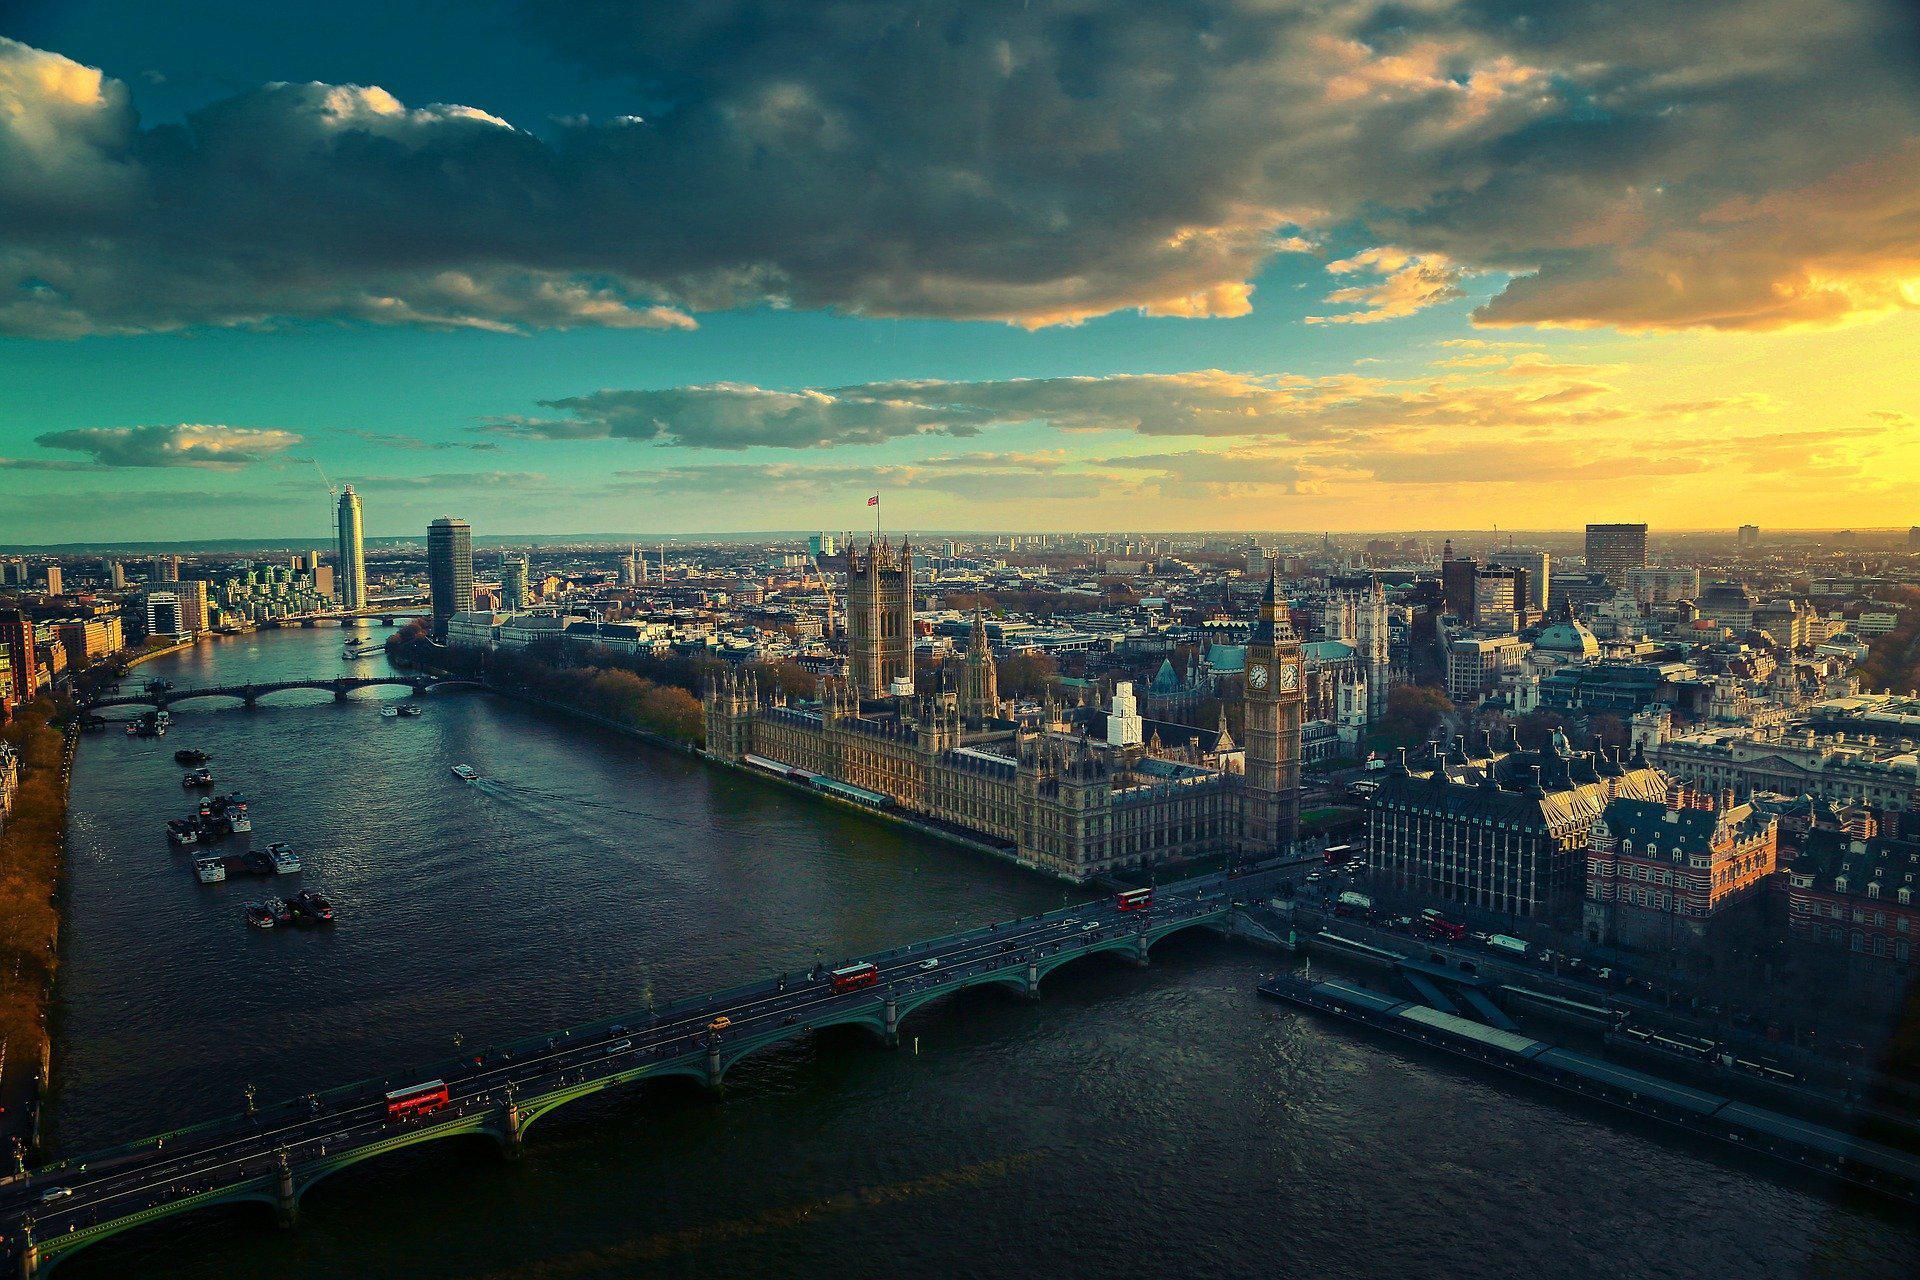 Великобритания планирует усилить борьбу с избежанием налогообложения